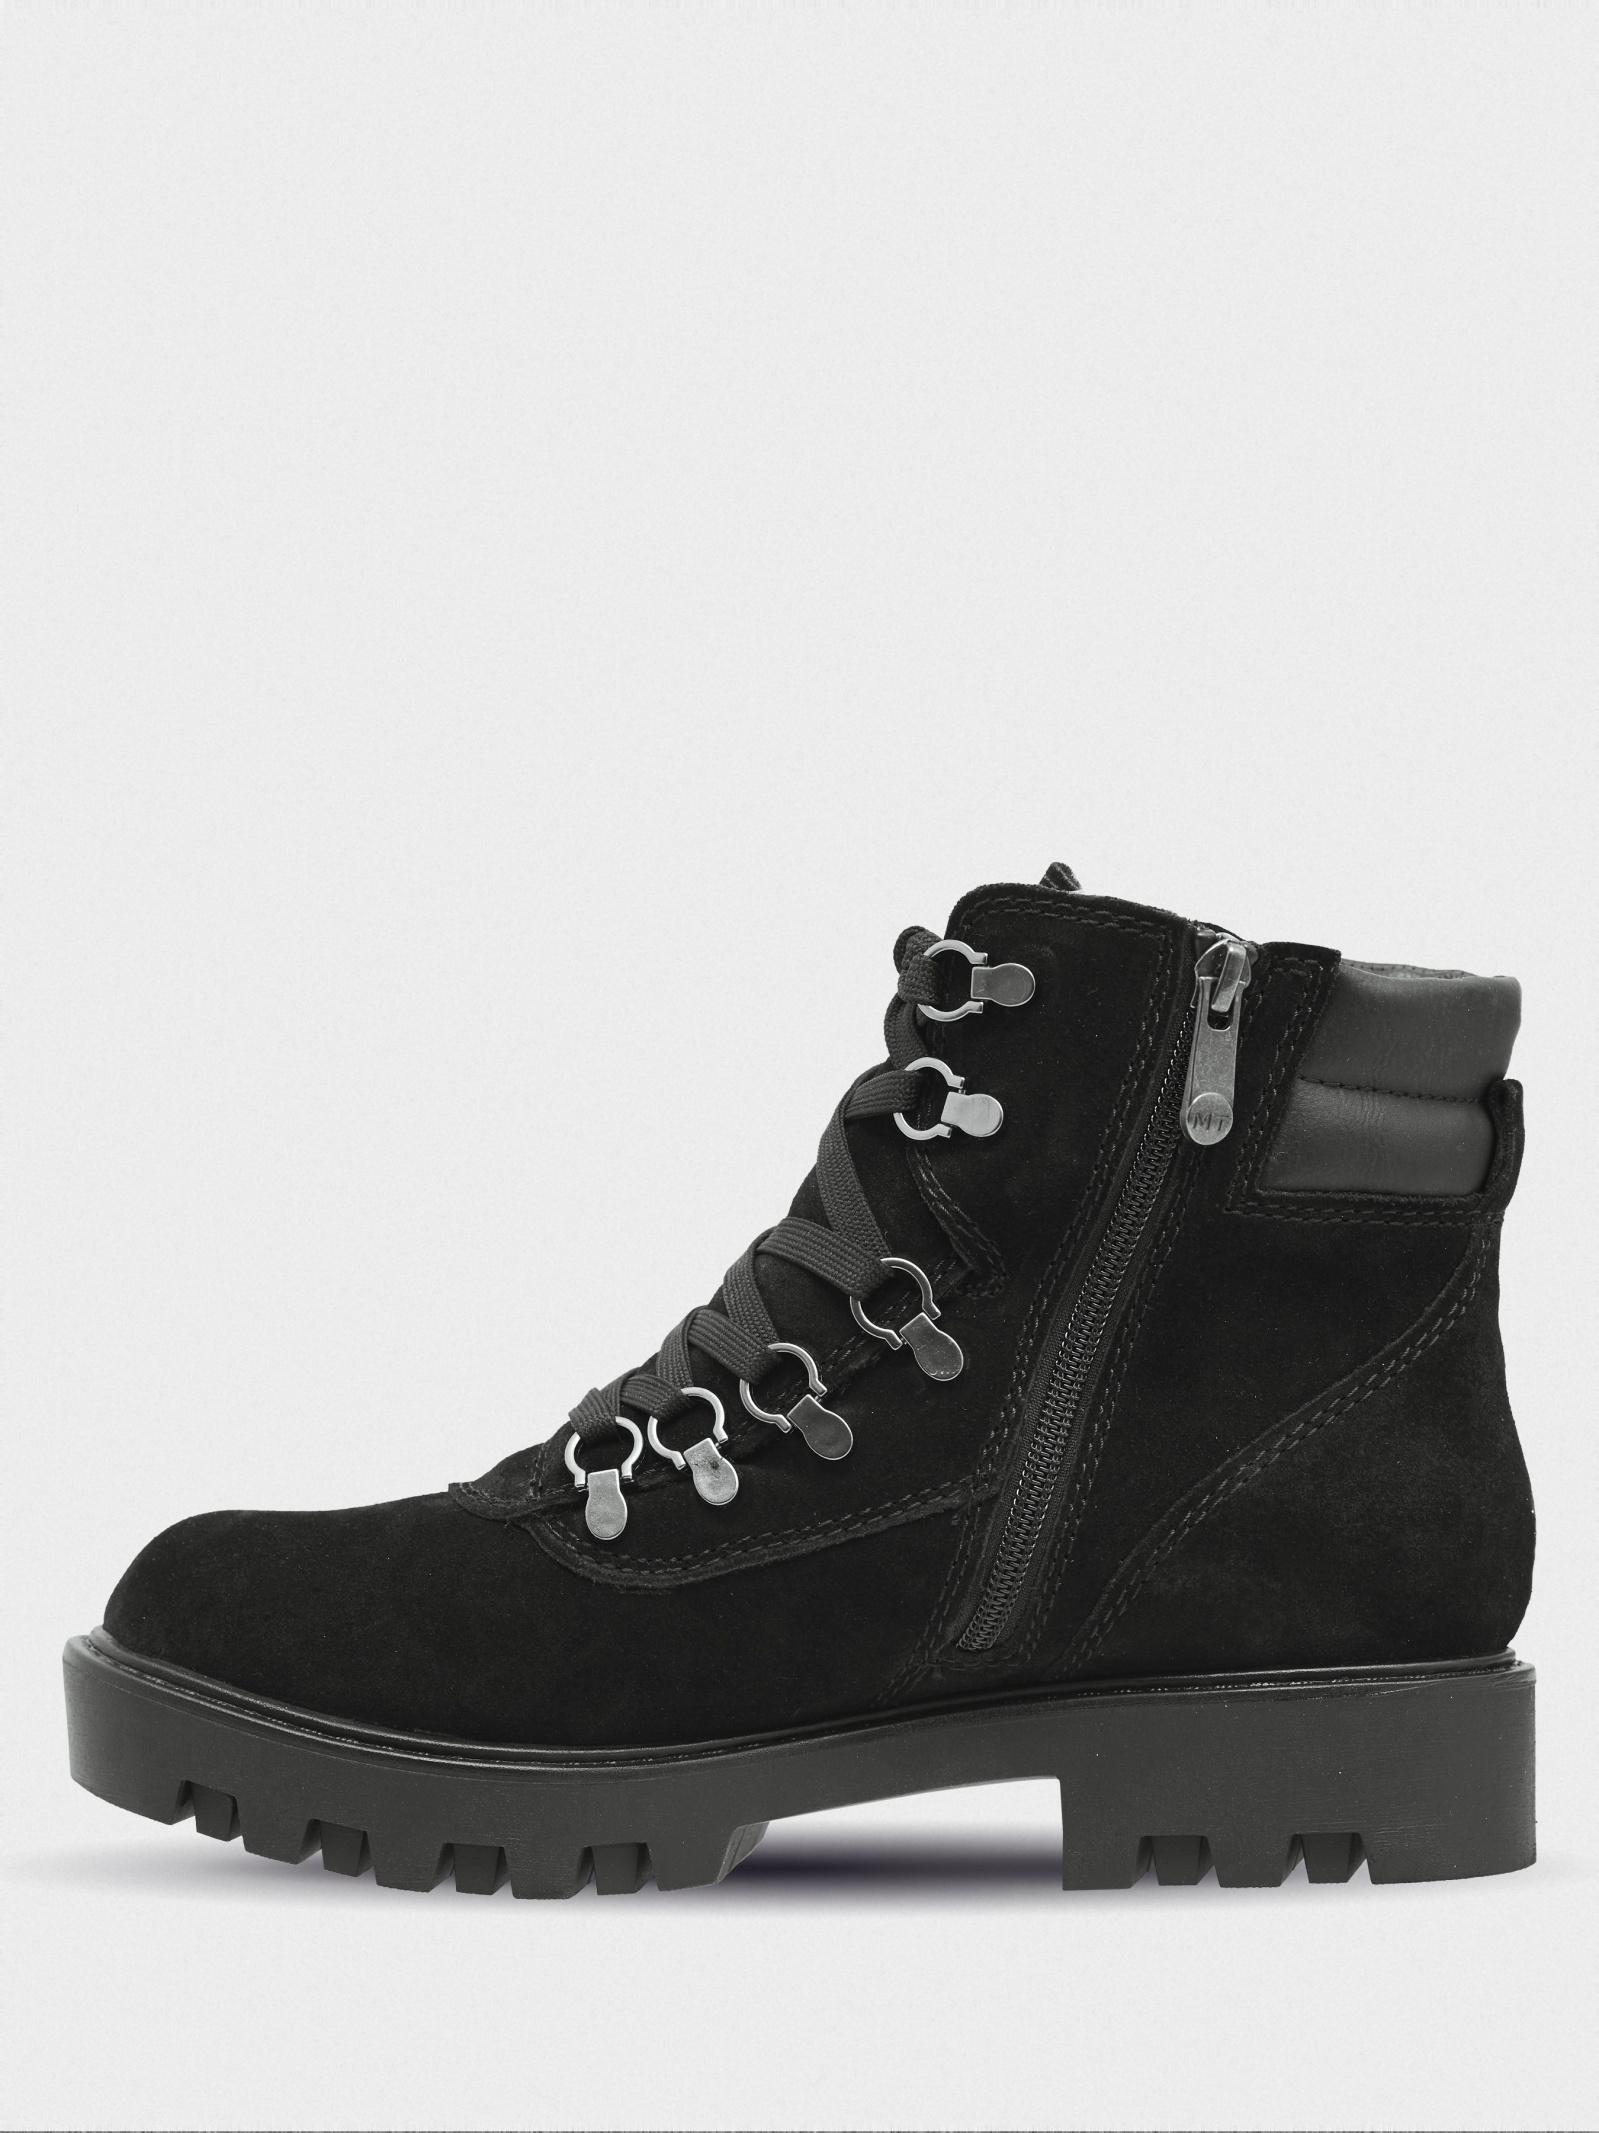 Ботинки для женщин Marco Tozzi 3H243 стоимость, 2017